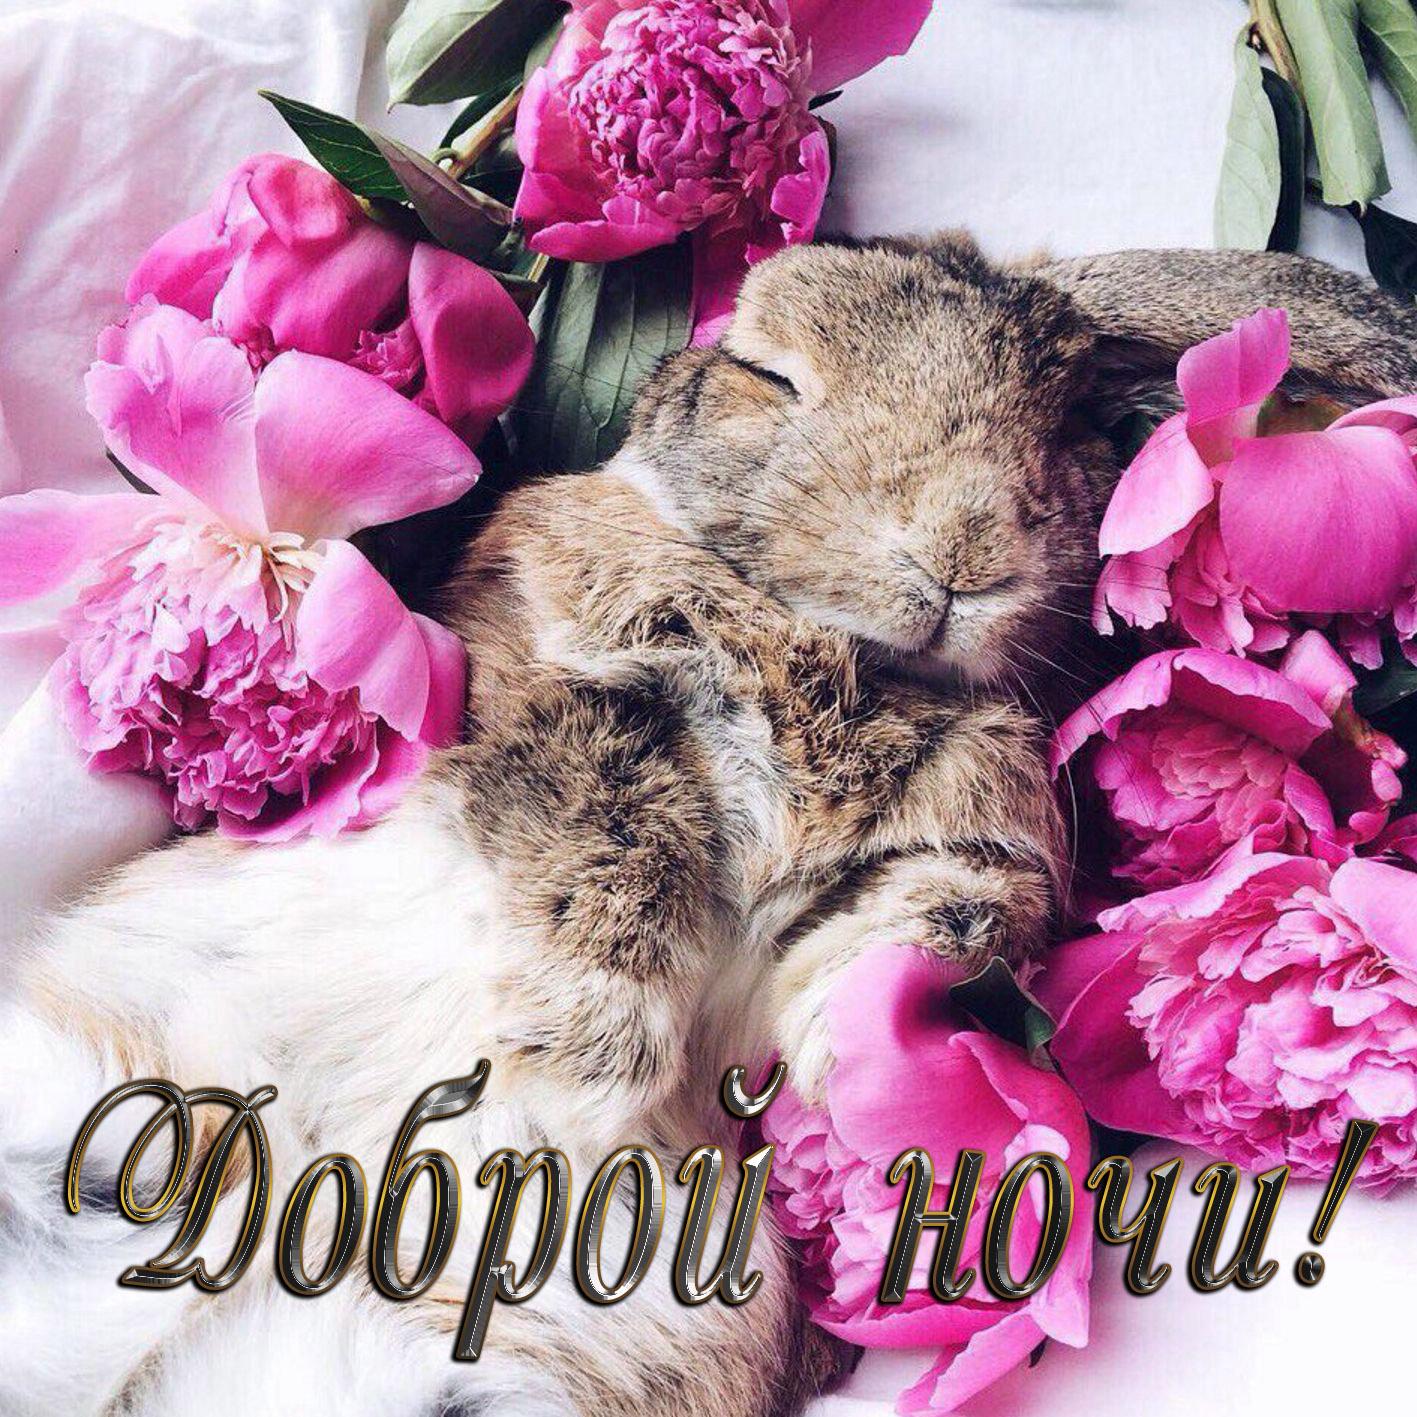 Пожелание доброй ночи с кроликом